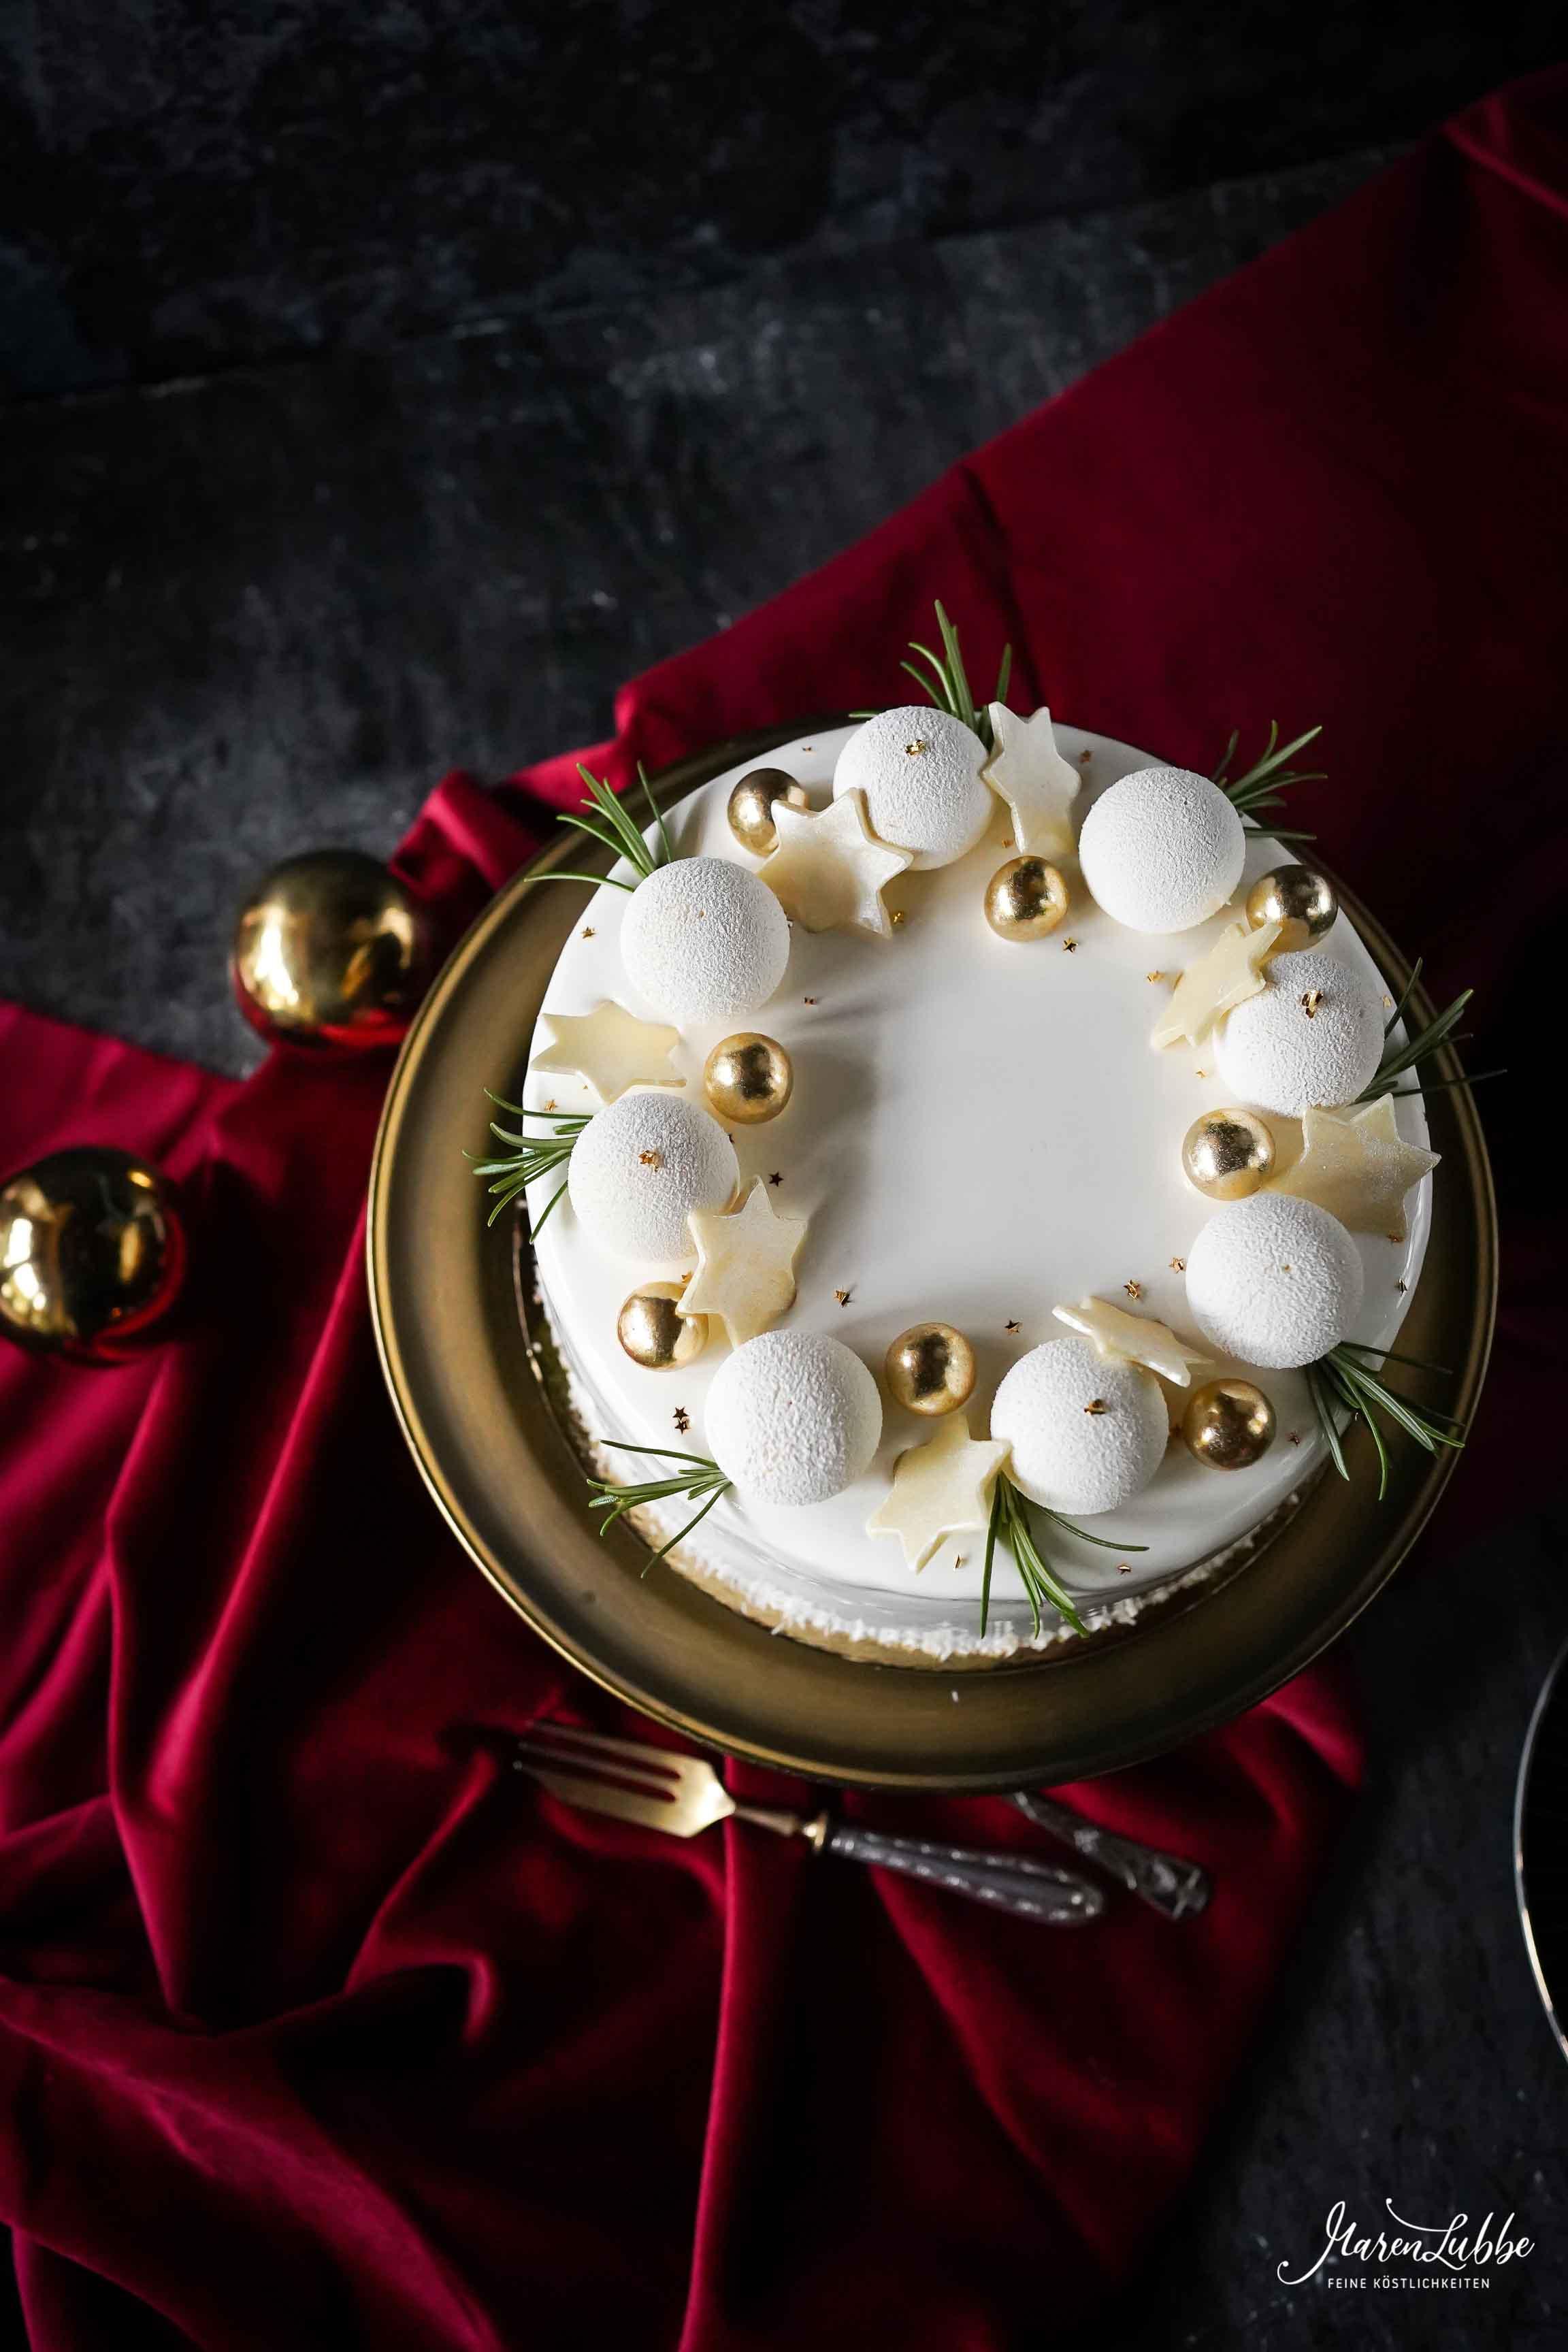 Yuzu-Schokoladentorte mit Himbeere-/ Maren Lubbe-Feine Köstlichkeiten